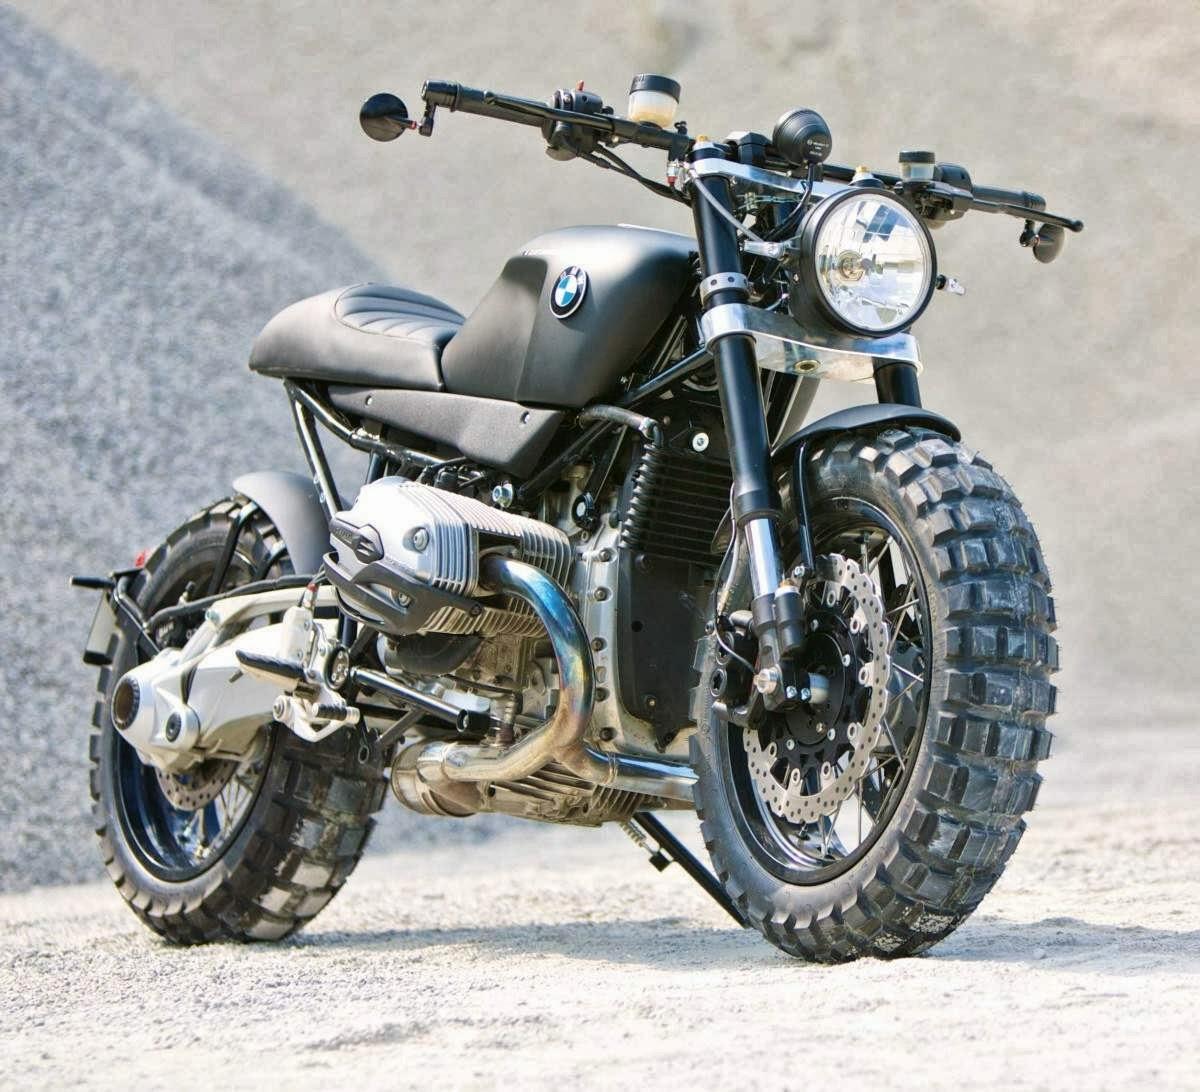 Berikut Galeri Foto Modifikasi Motor BMW R R Tahun